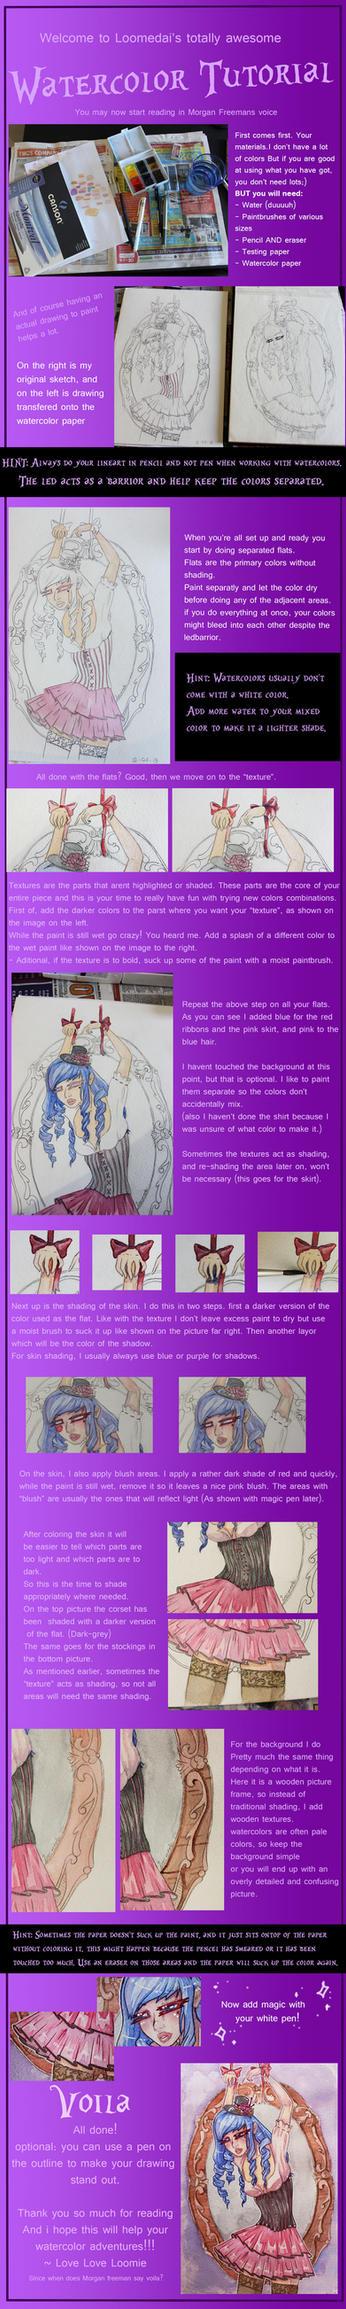 Loomie's watercolor tutorial by Loomedai